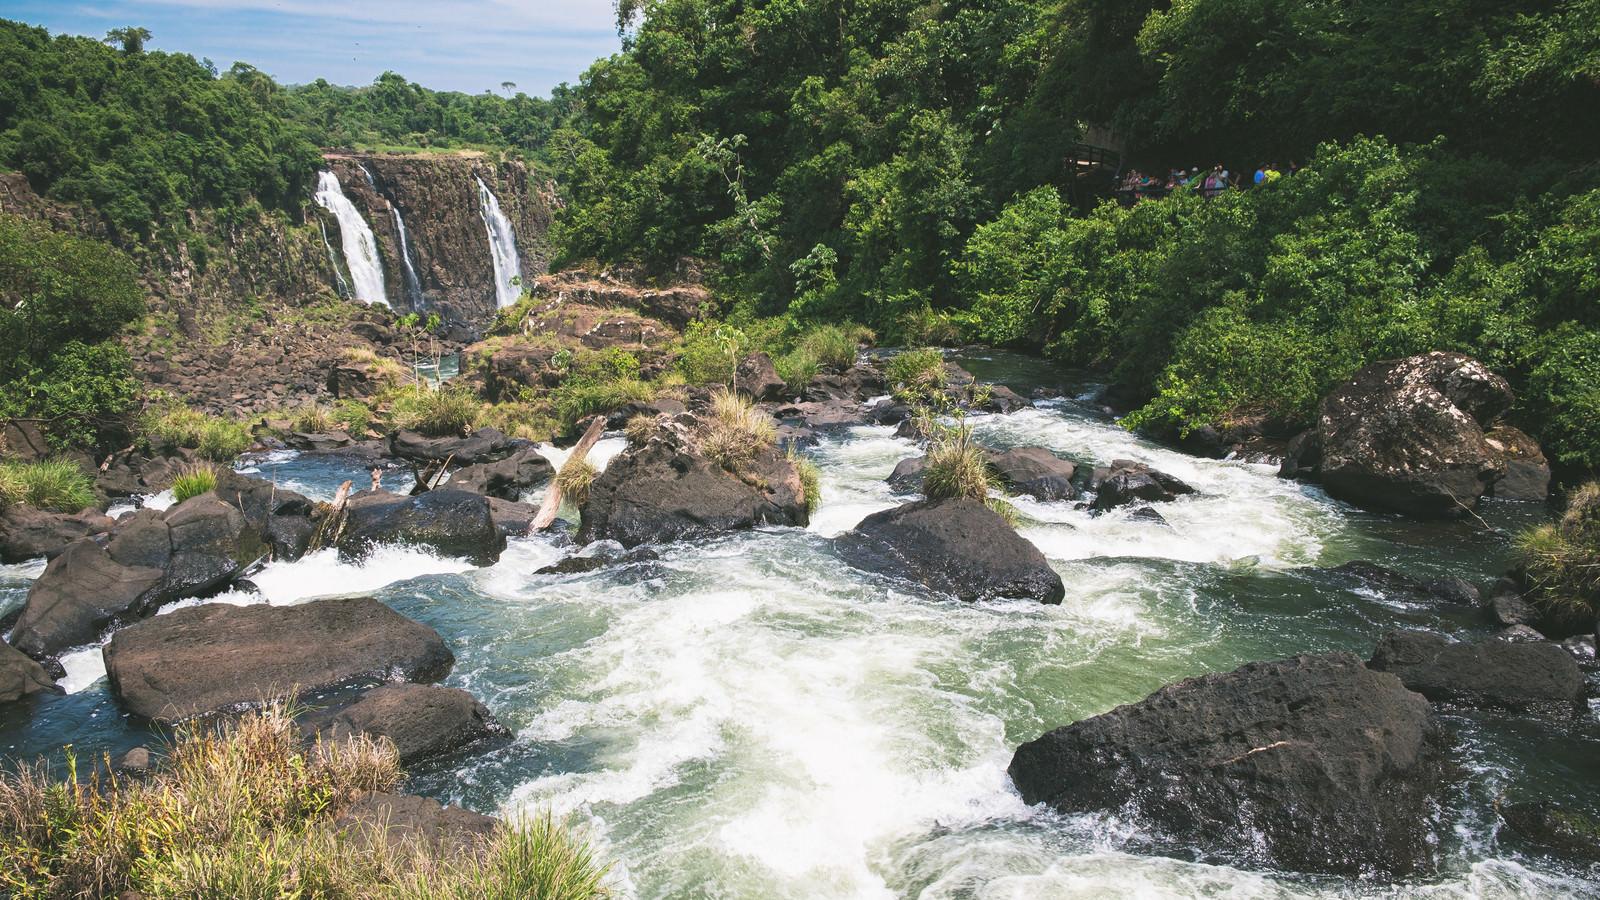 「イグアスの滝から流れる豊富な水量の川(南米大陸)」の写真